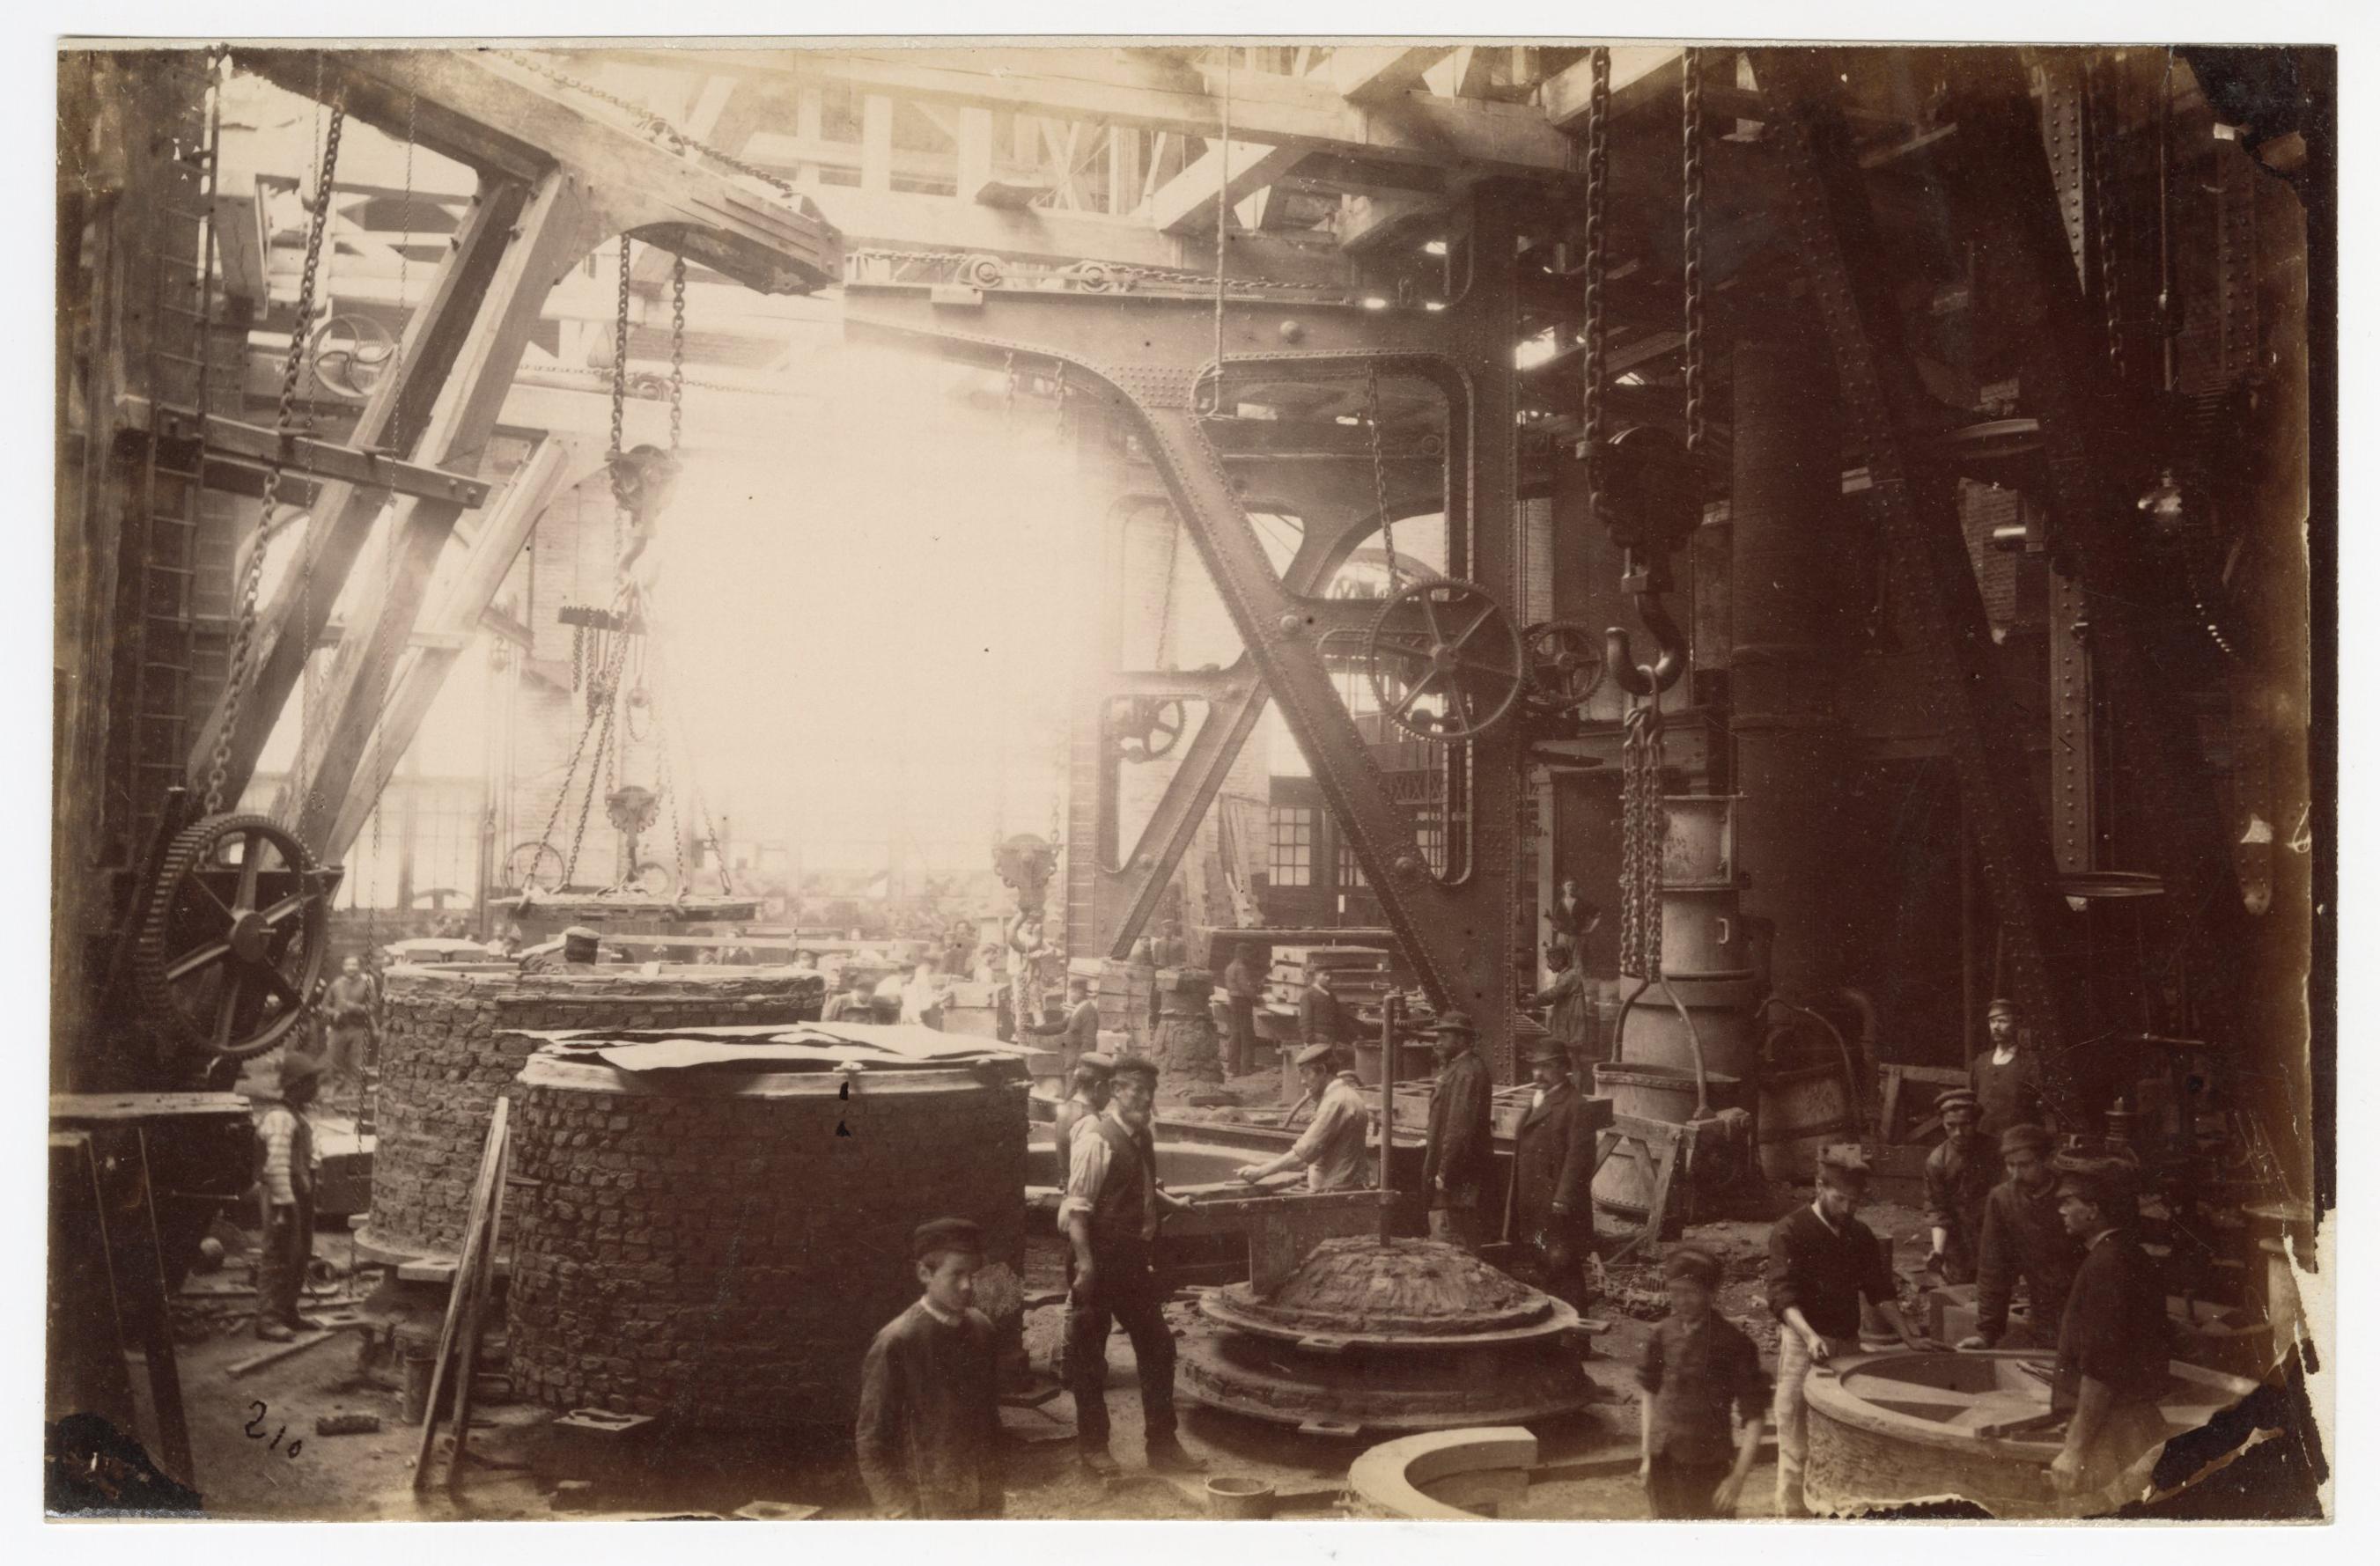 Ouvriers d'un atelier de construction des aciéries Schneider : tirage photographique, Le Creusot (Saône-et-Loire), sans date.